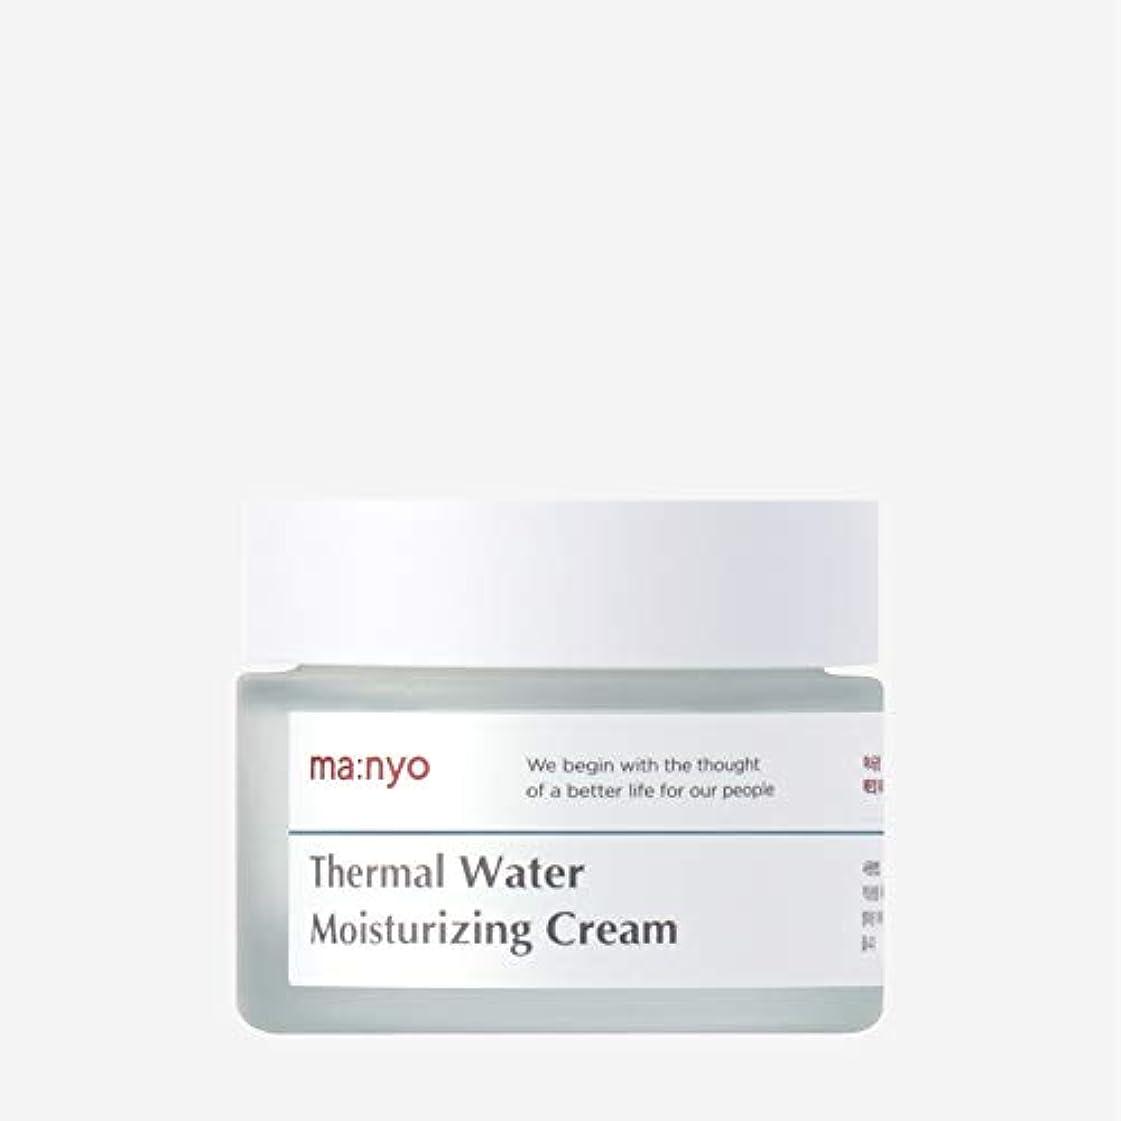 麺記念碑的な具体的に魔女工場(Manyo Factory) 温泉水ミネラルクリーム 50ml / 天然ミネラル、チェコ温泉水67%で保湿補充